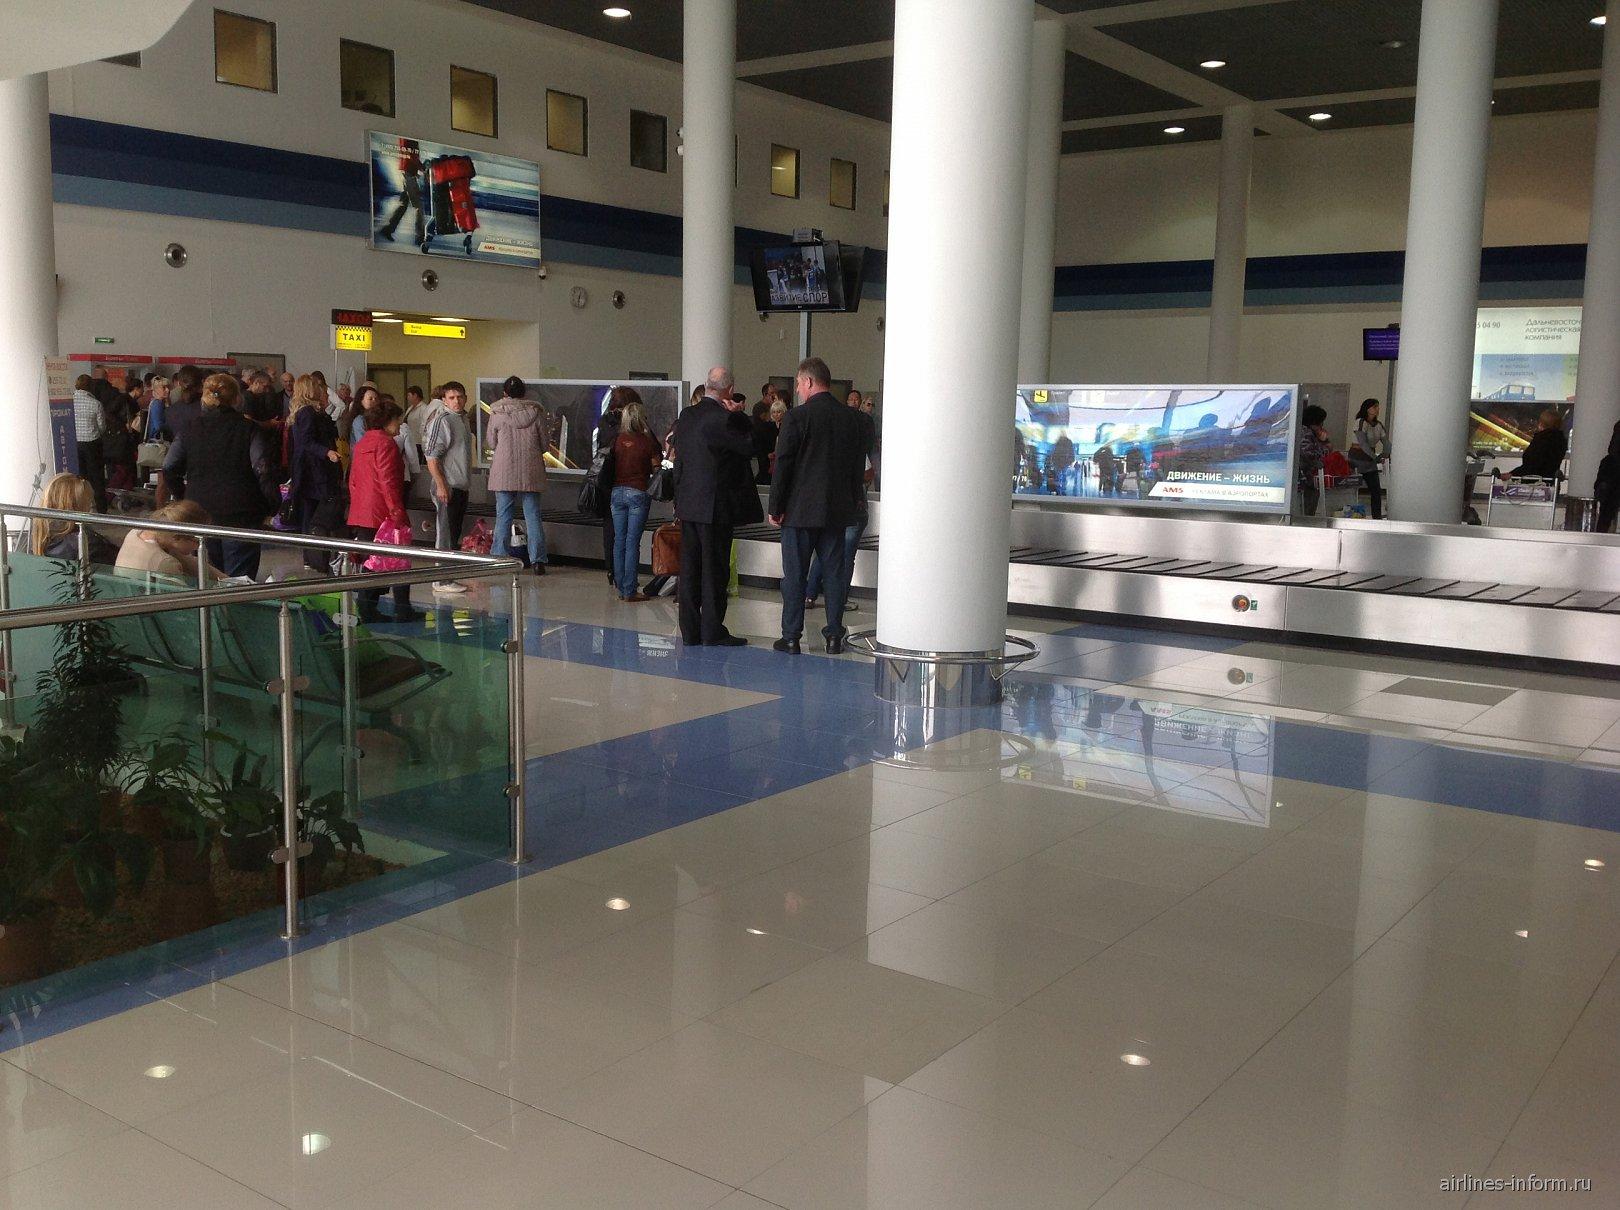 Зал выдачи багажа в аэропорту Владивостока